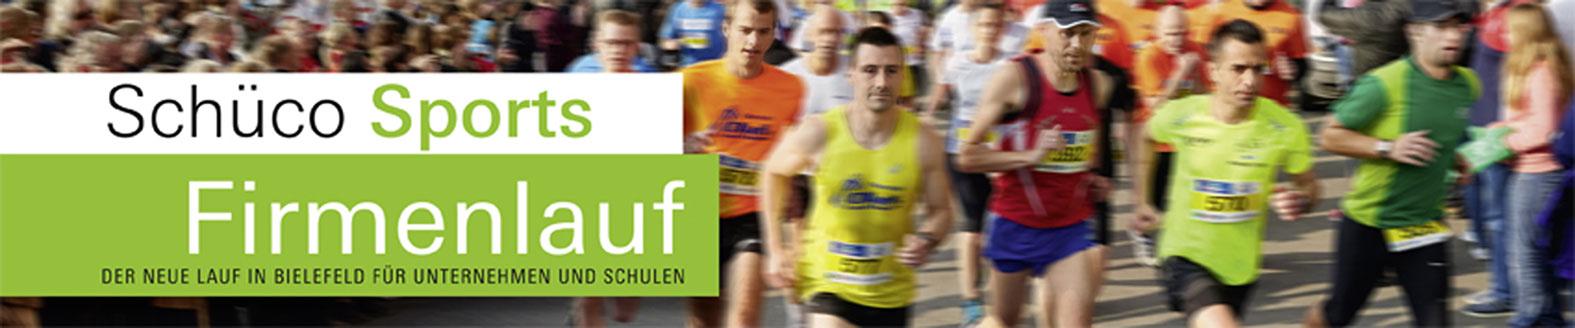 Banner-Schueco-Sports-Firmenlauf2016